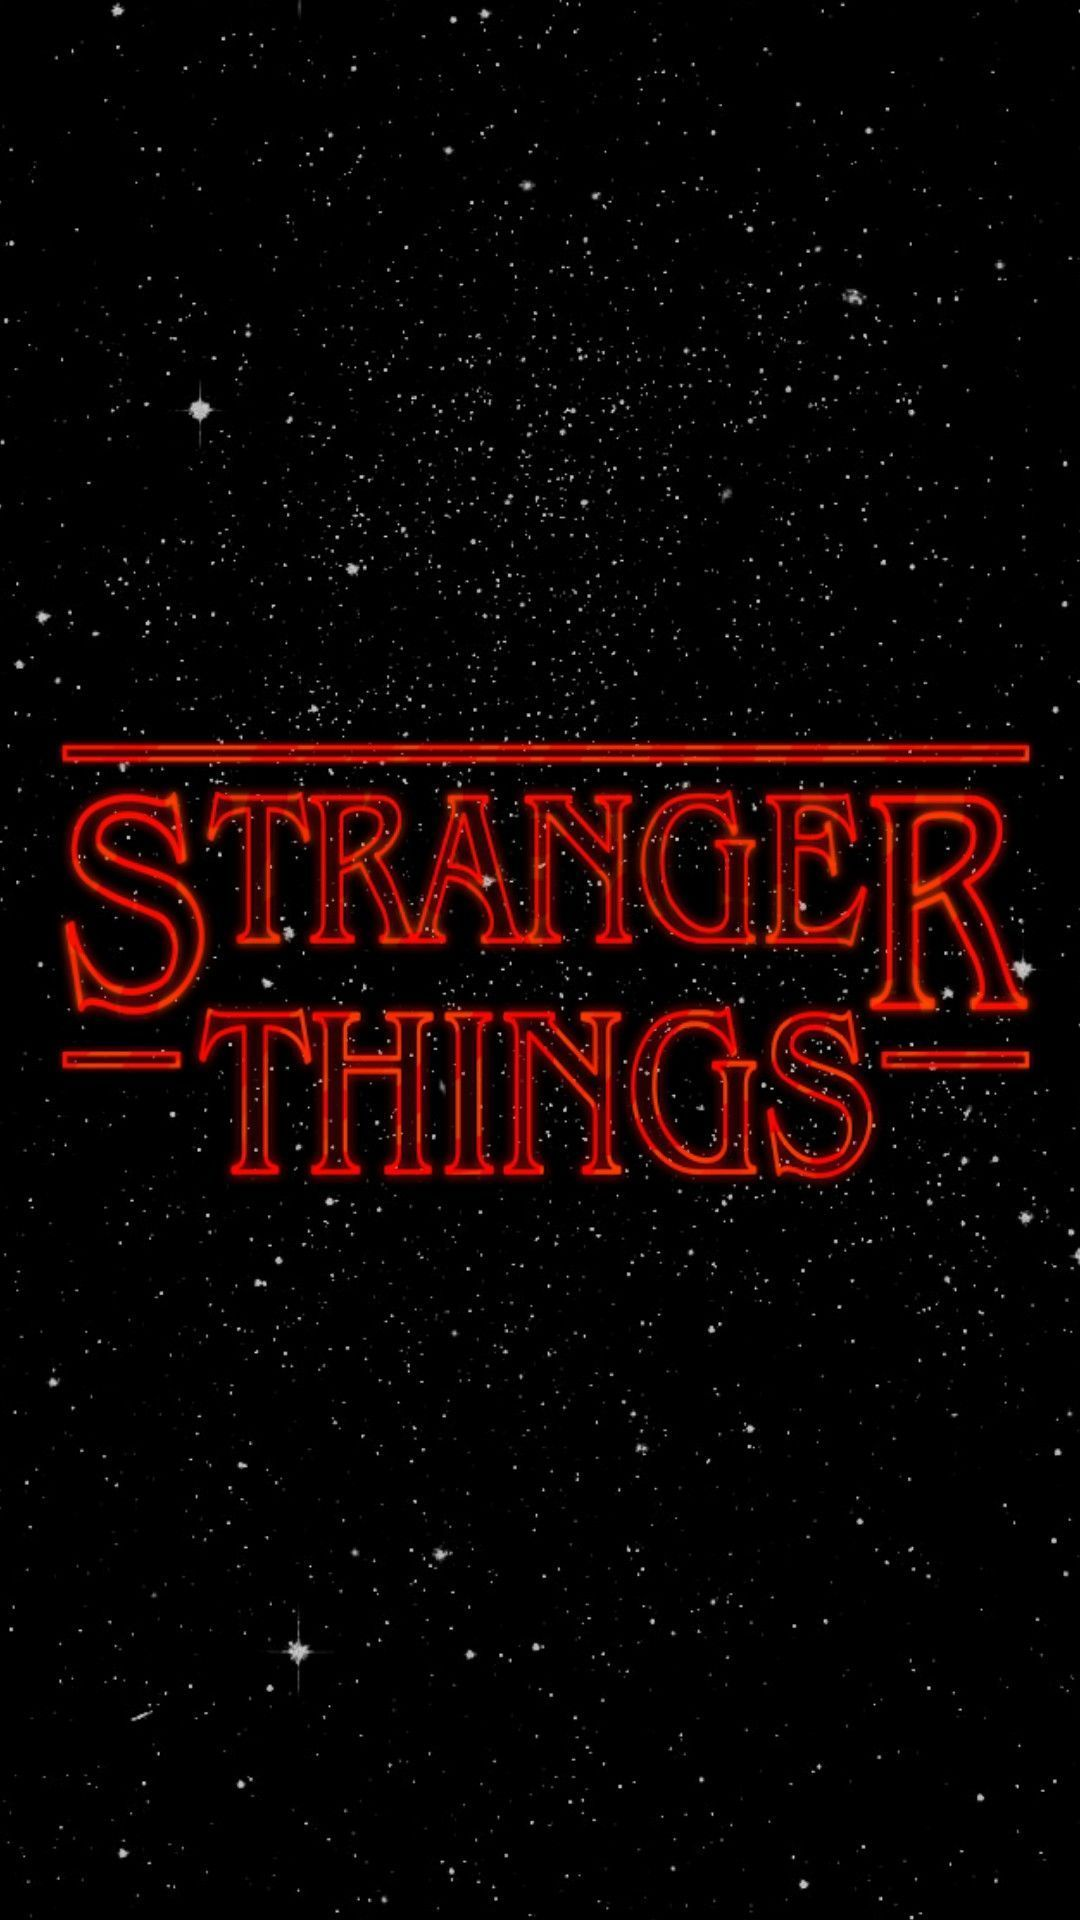 Stranger Things Nerd Wallpaper Stars Full Hd 4k 4k Stranger Things Stranger Things Wallpaper Stranger